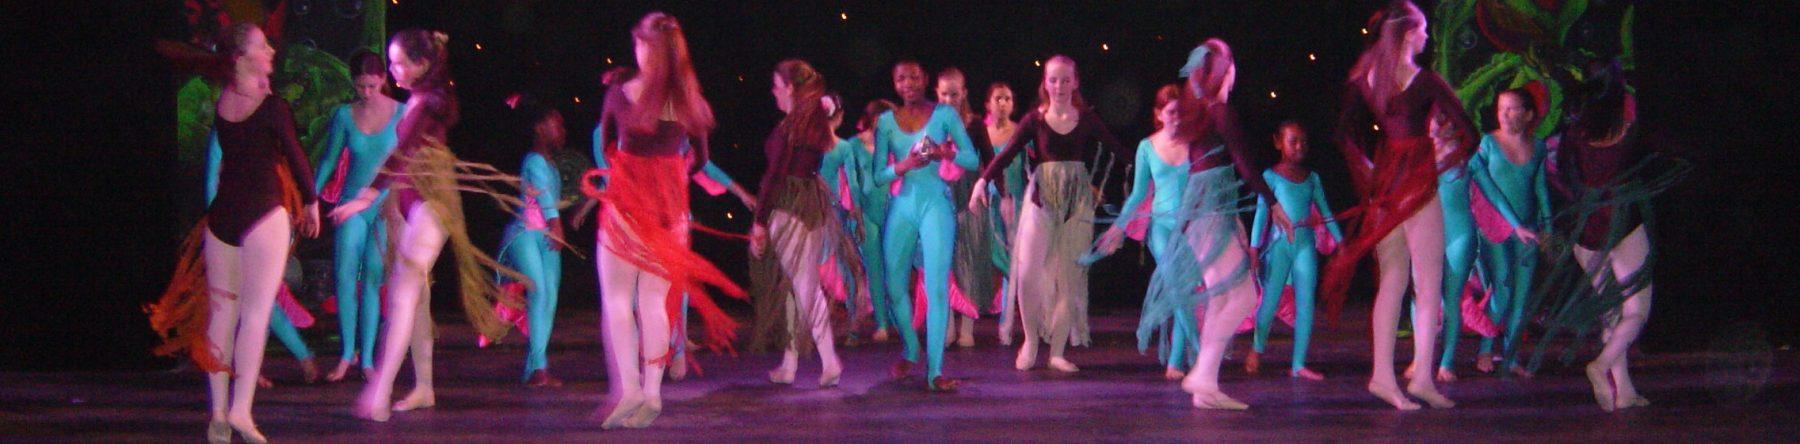 The Alma Rippon Theatre School